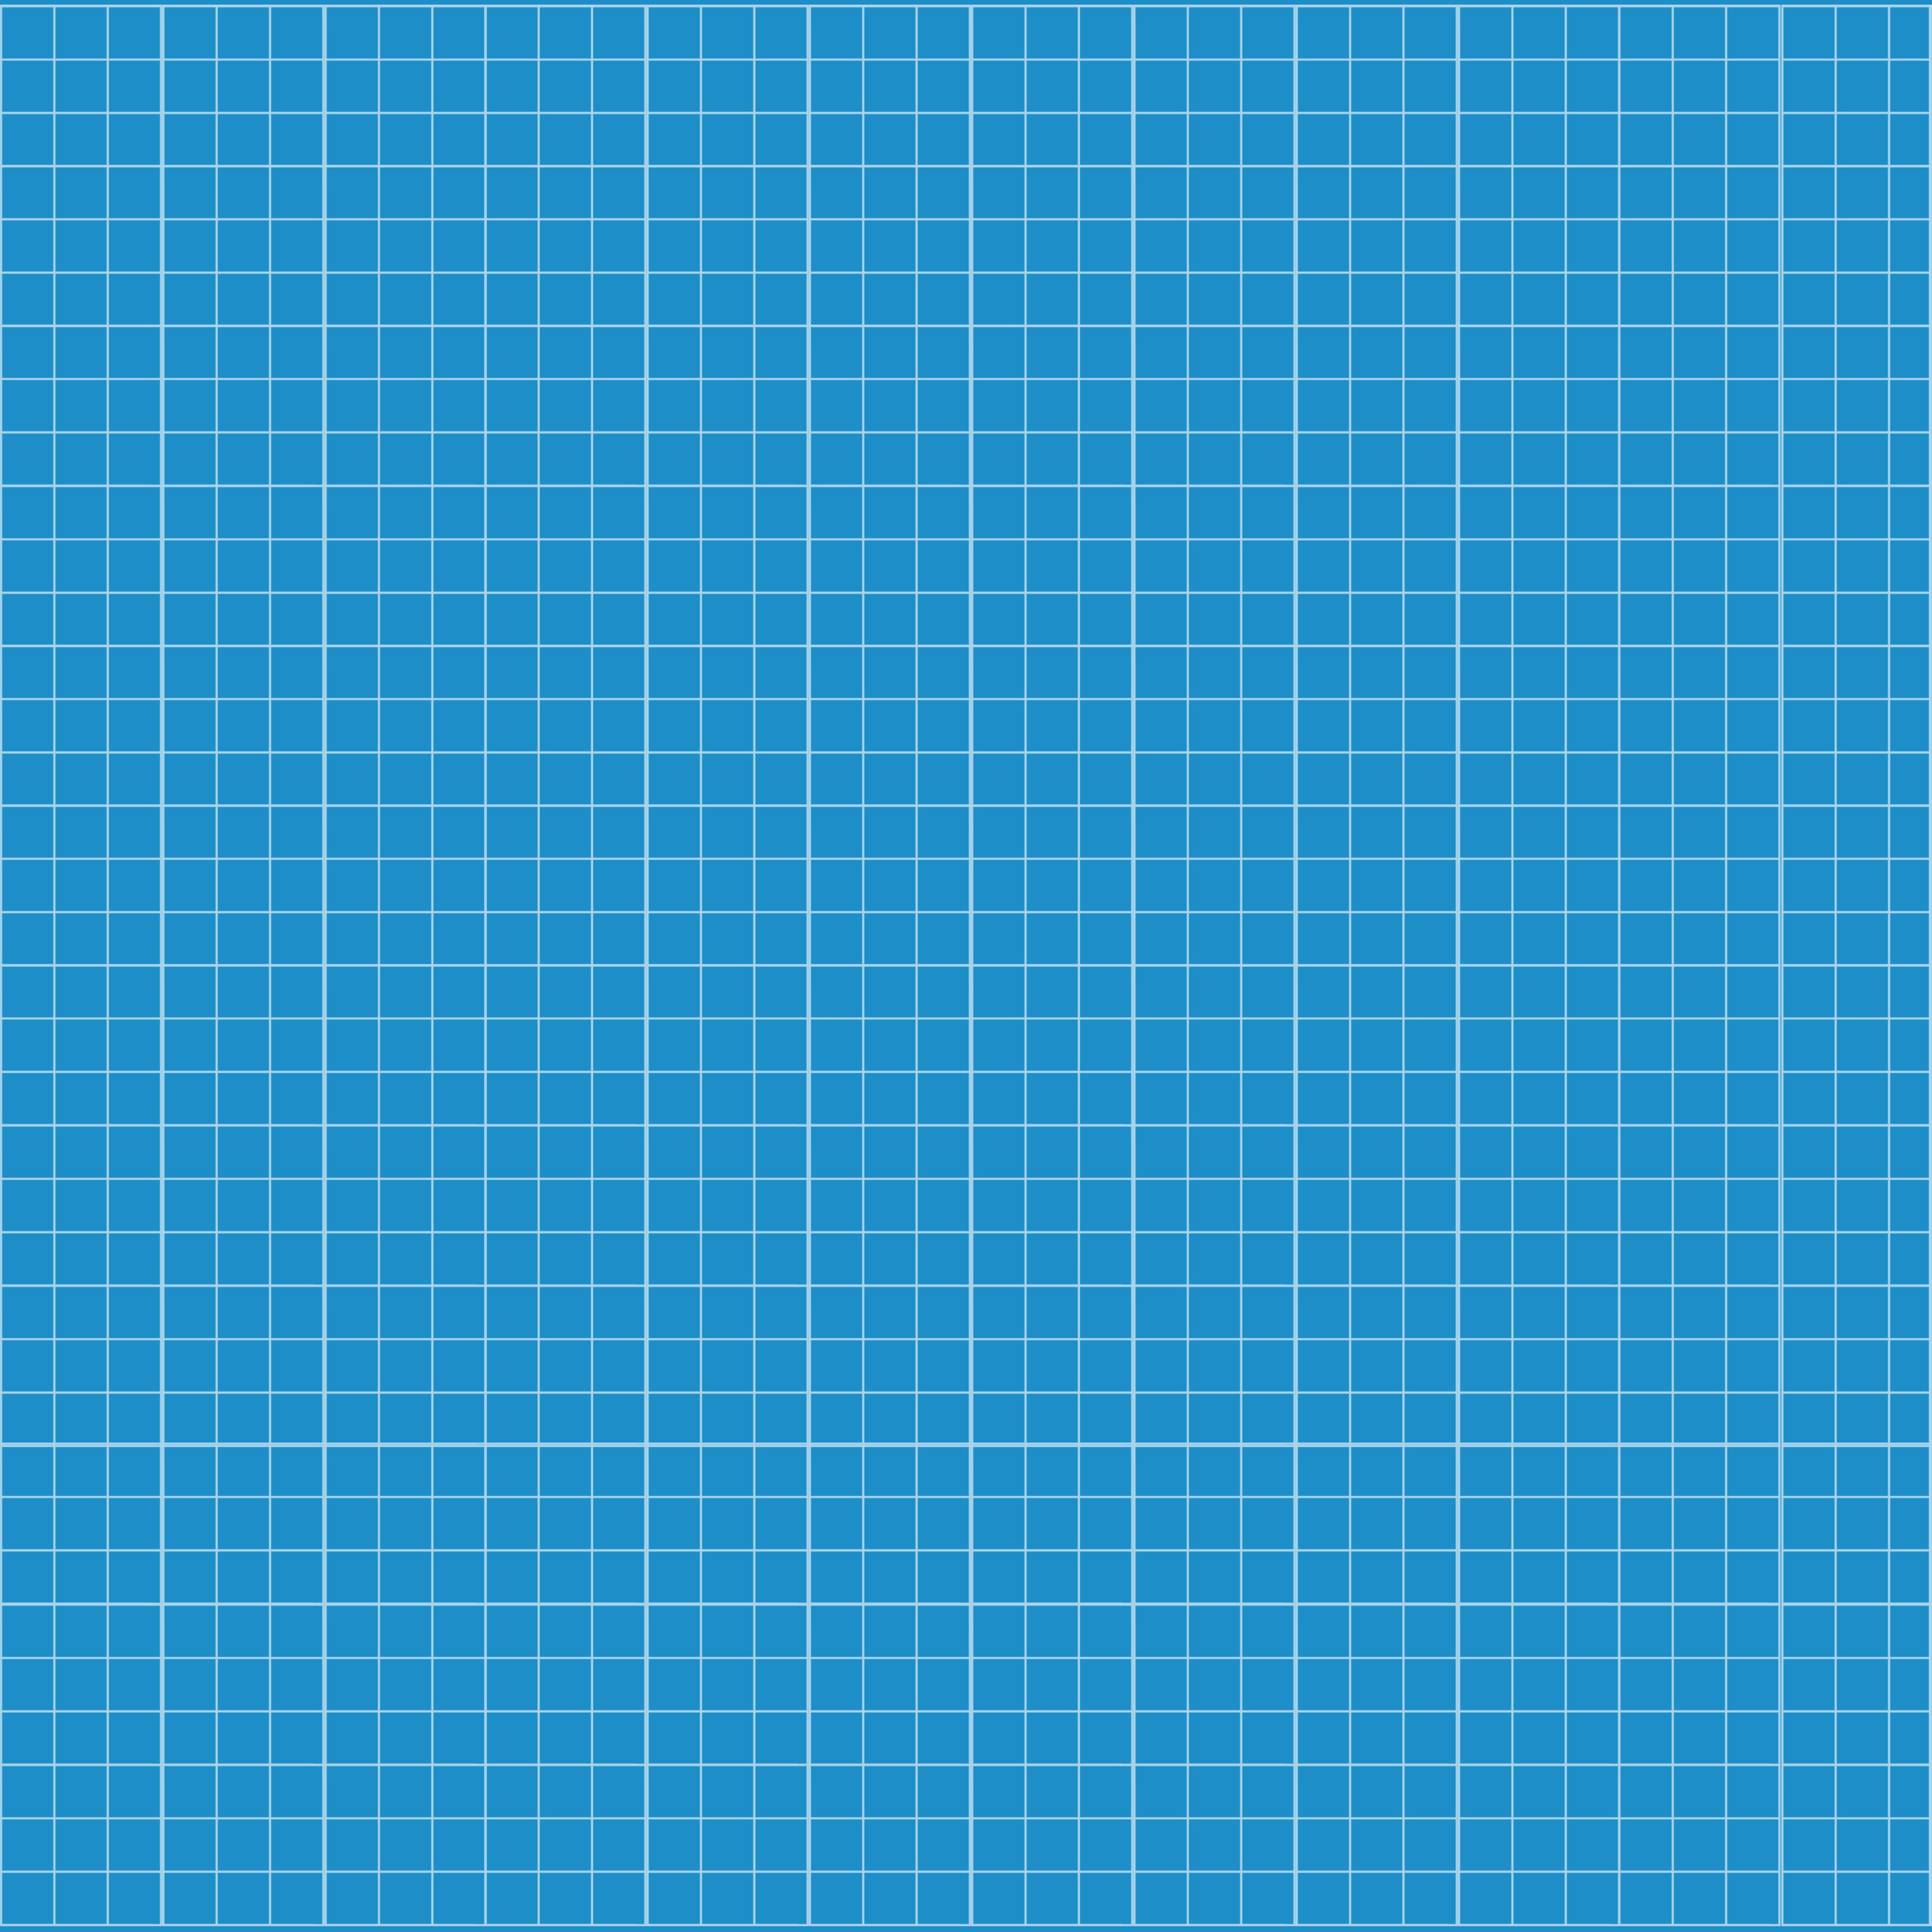 Blueprint paper background etamemibawa blueprint paper background malvernweather Images